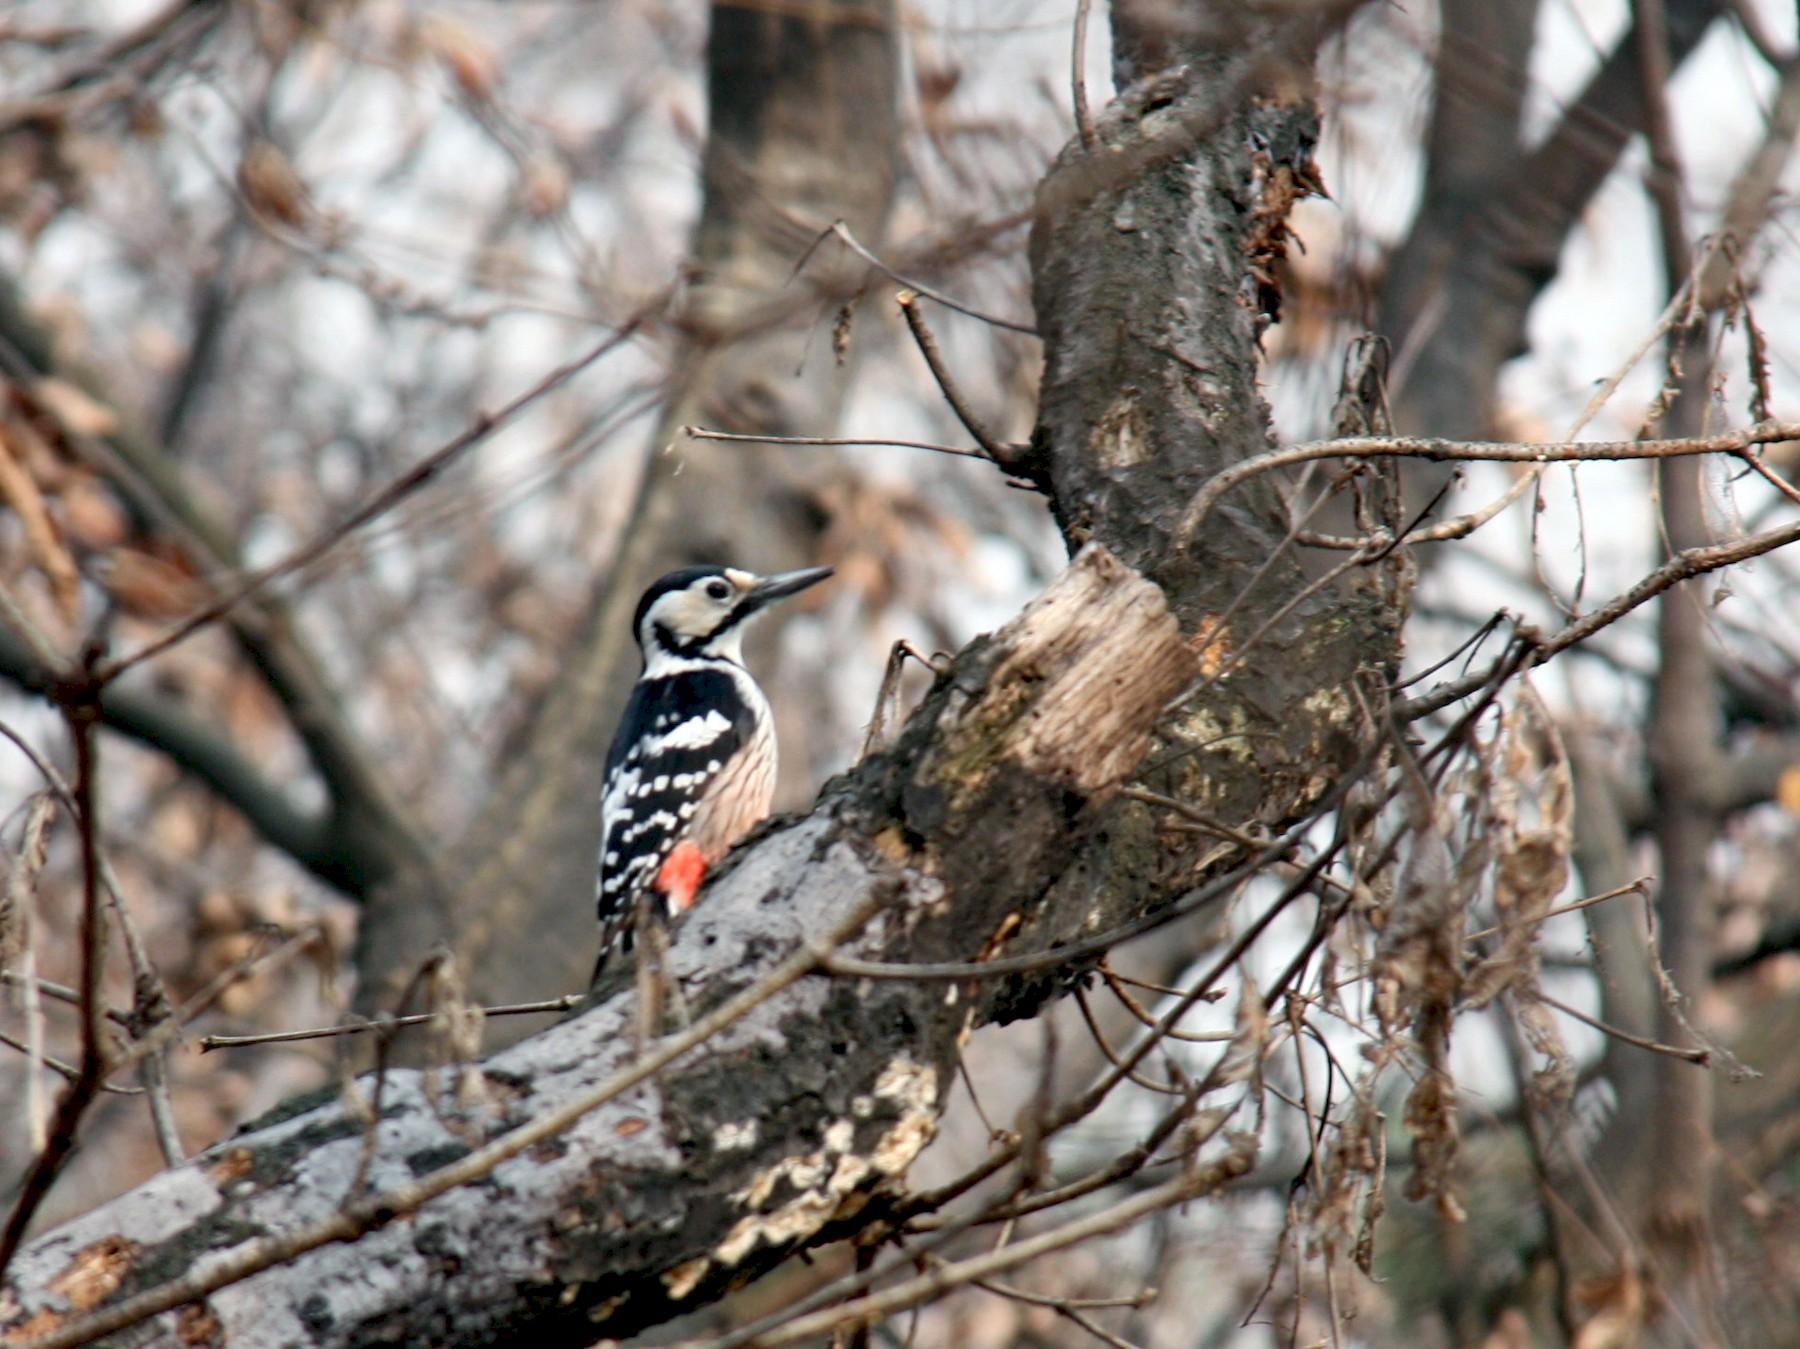 White-backed Woodpecker - Tyler Joyner